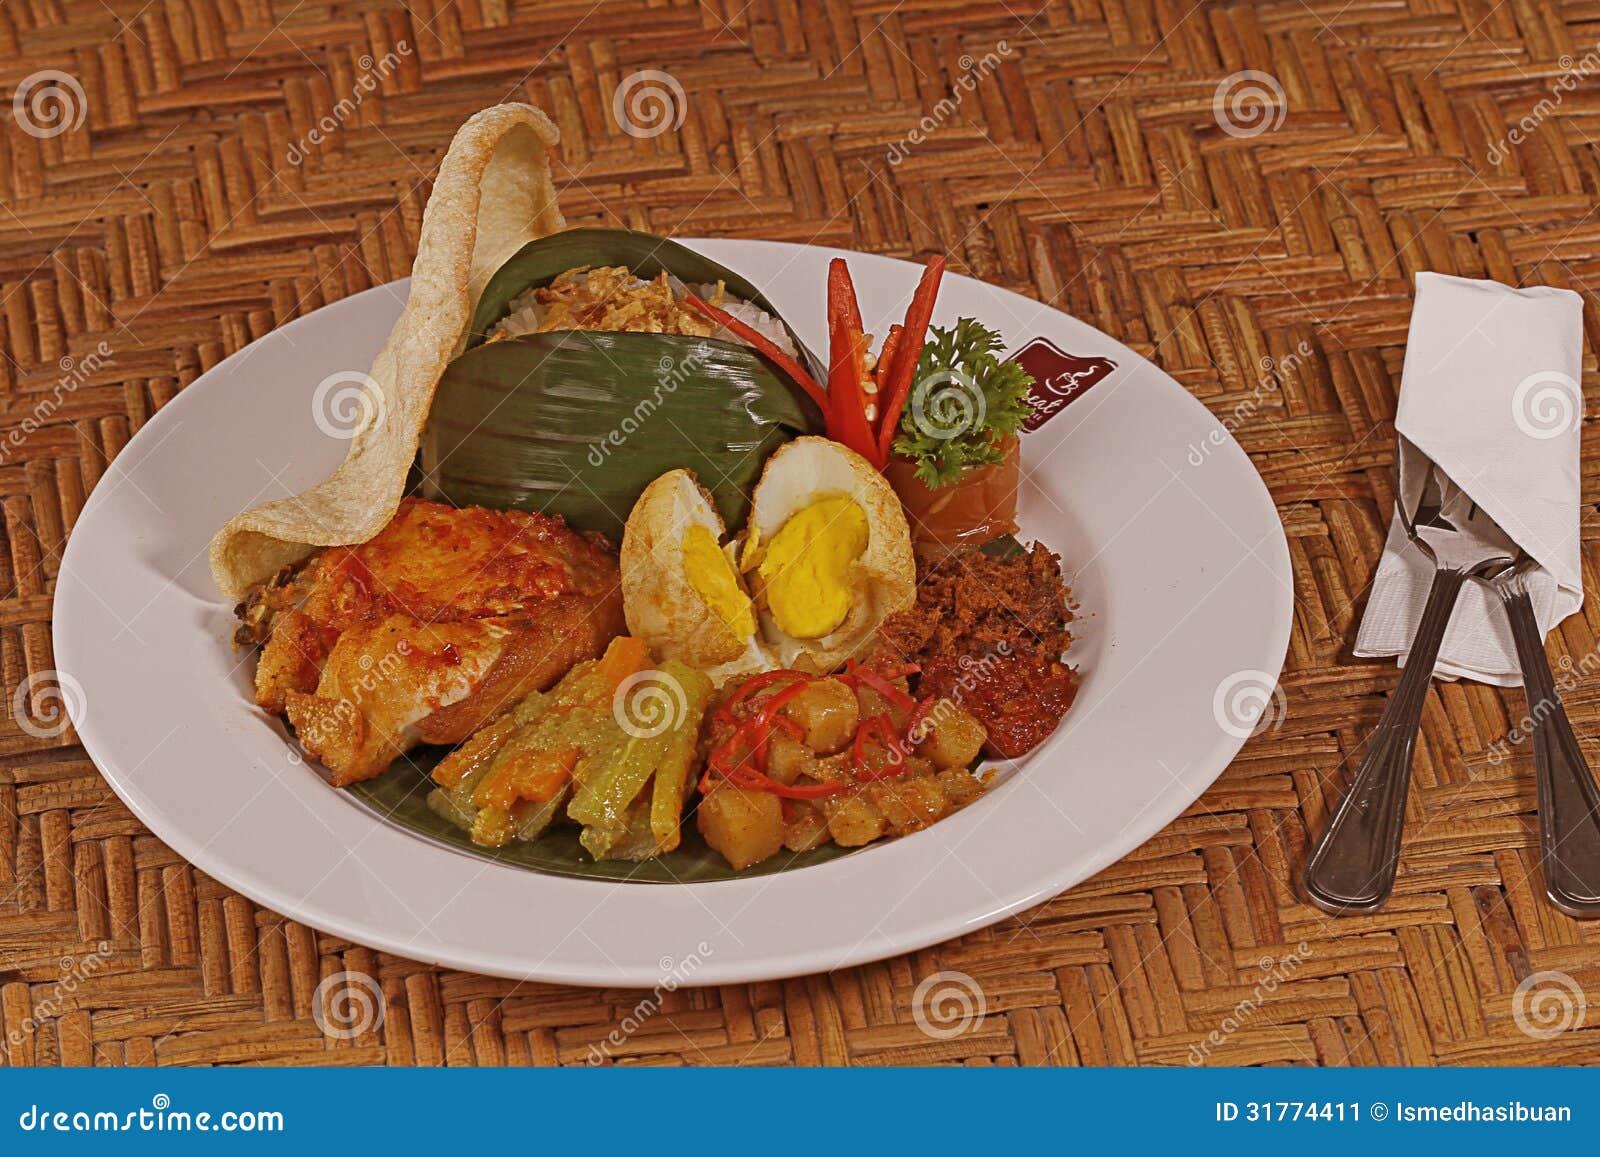 indonesische küche stockbild - bild: 31774411